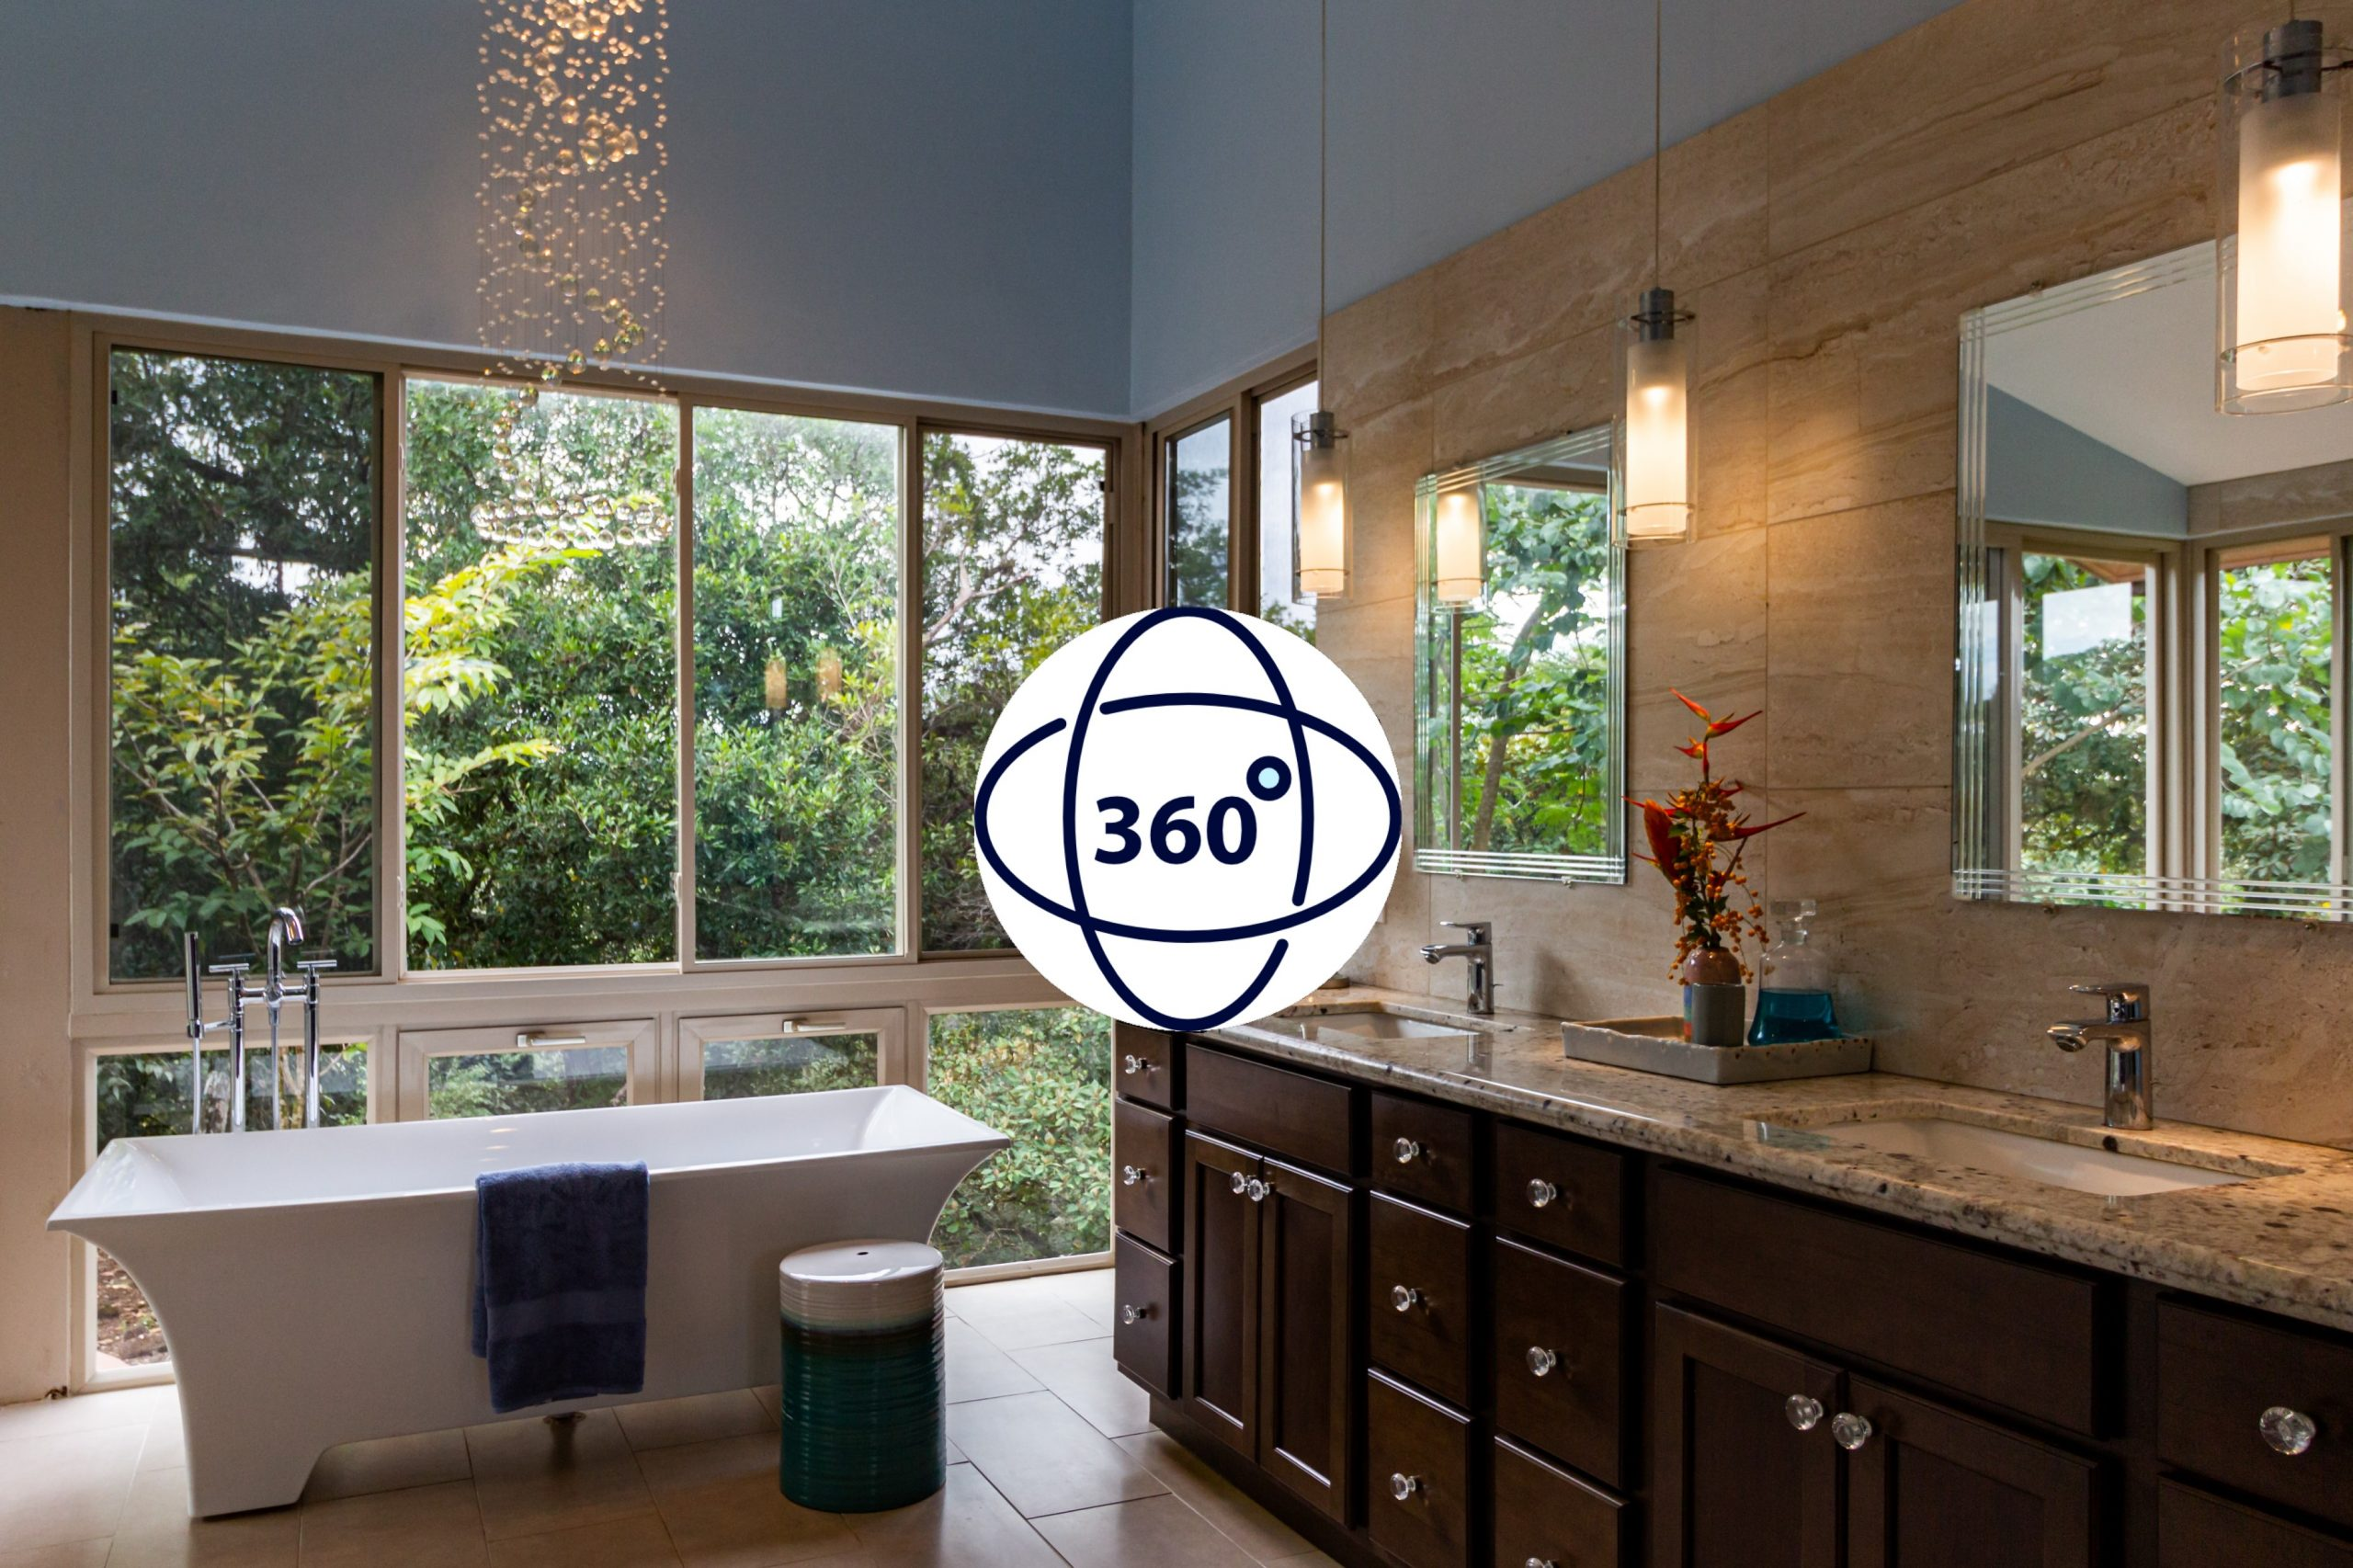 Baño de una casa con símbolo de recorrido virtual